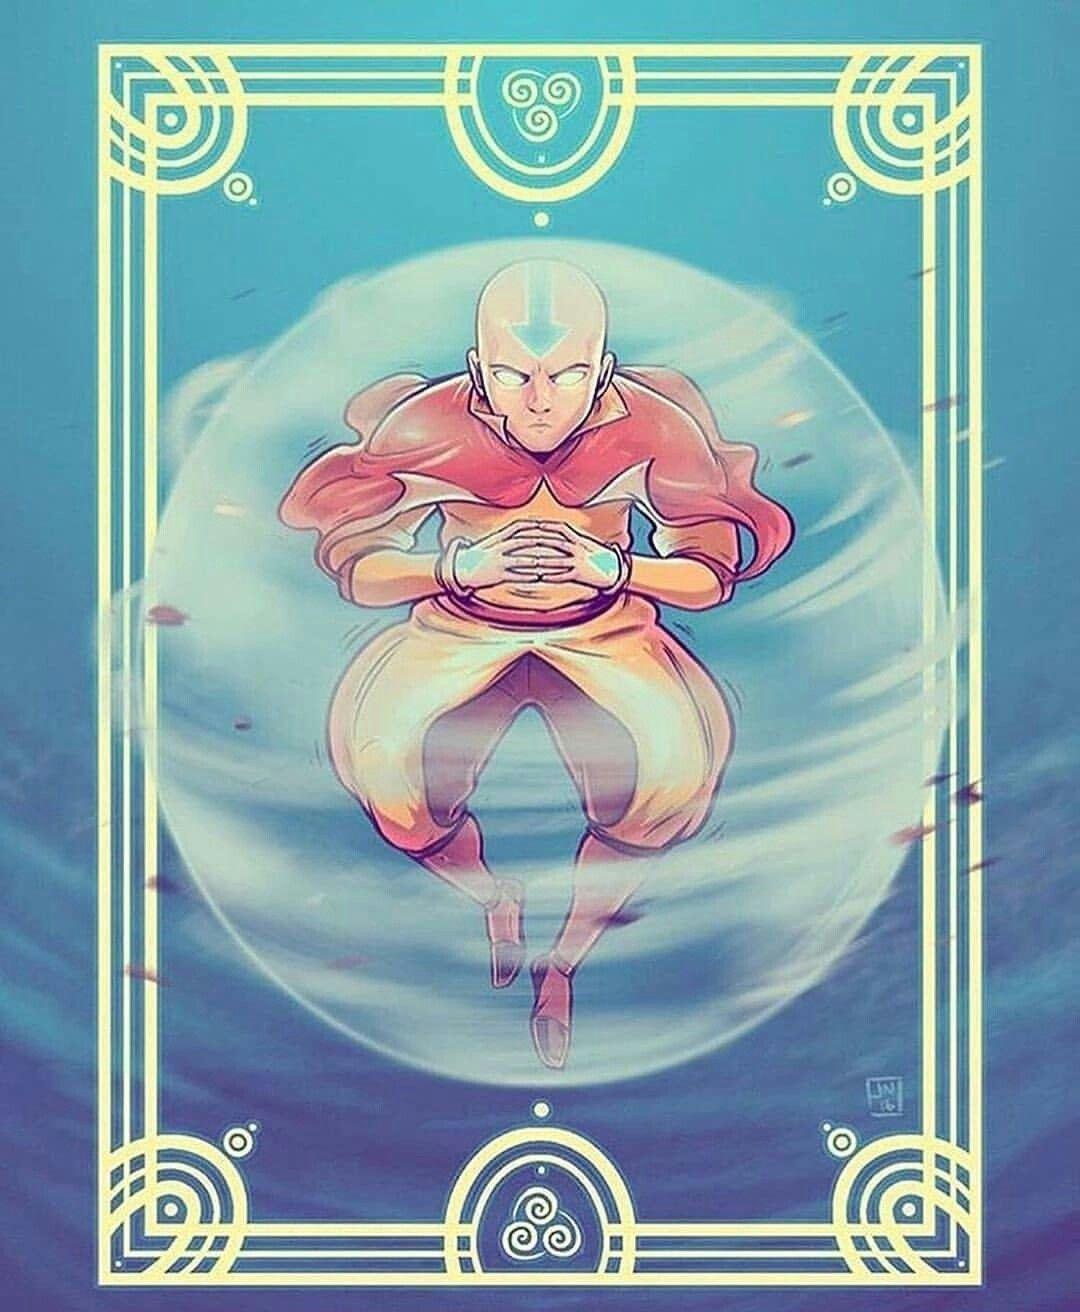 Avatar A Lenda De Aang Dublado Todos Os Episodios Avatar